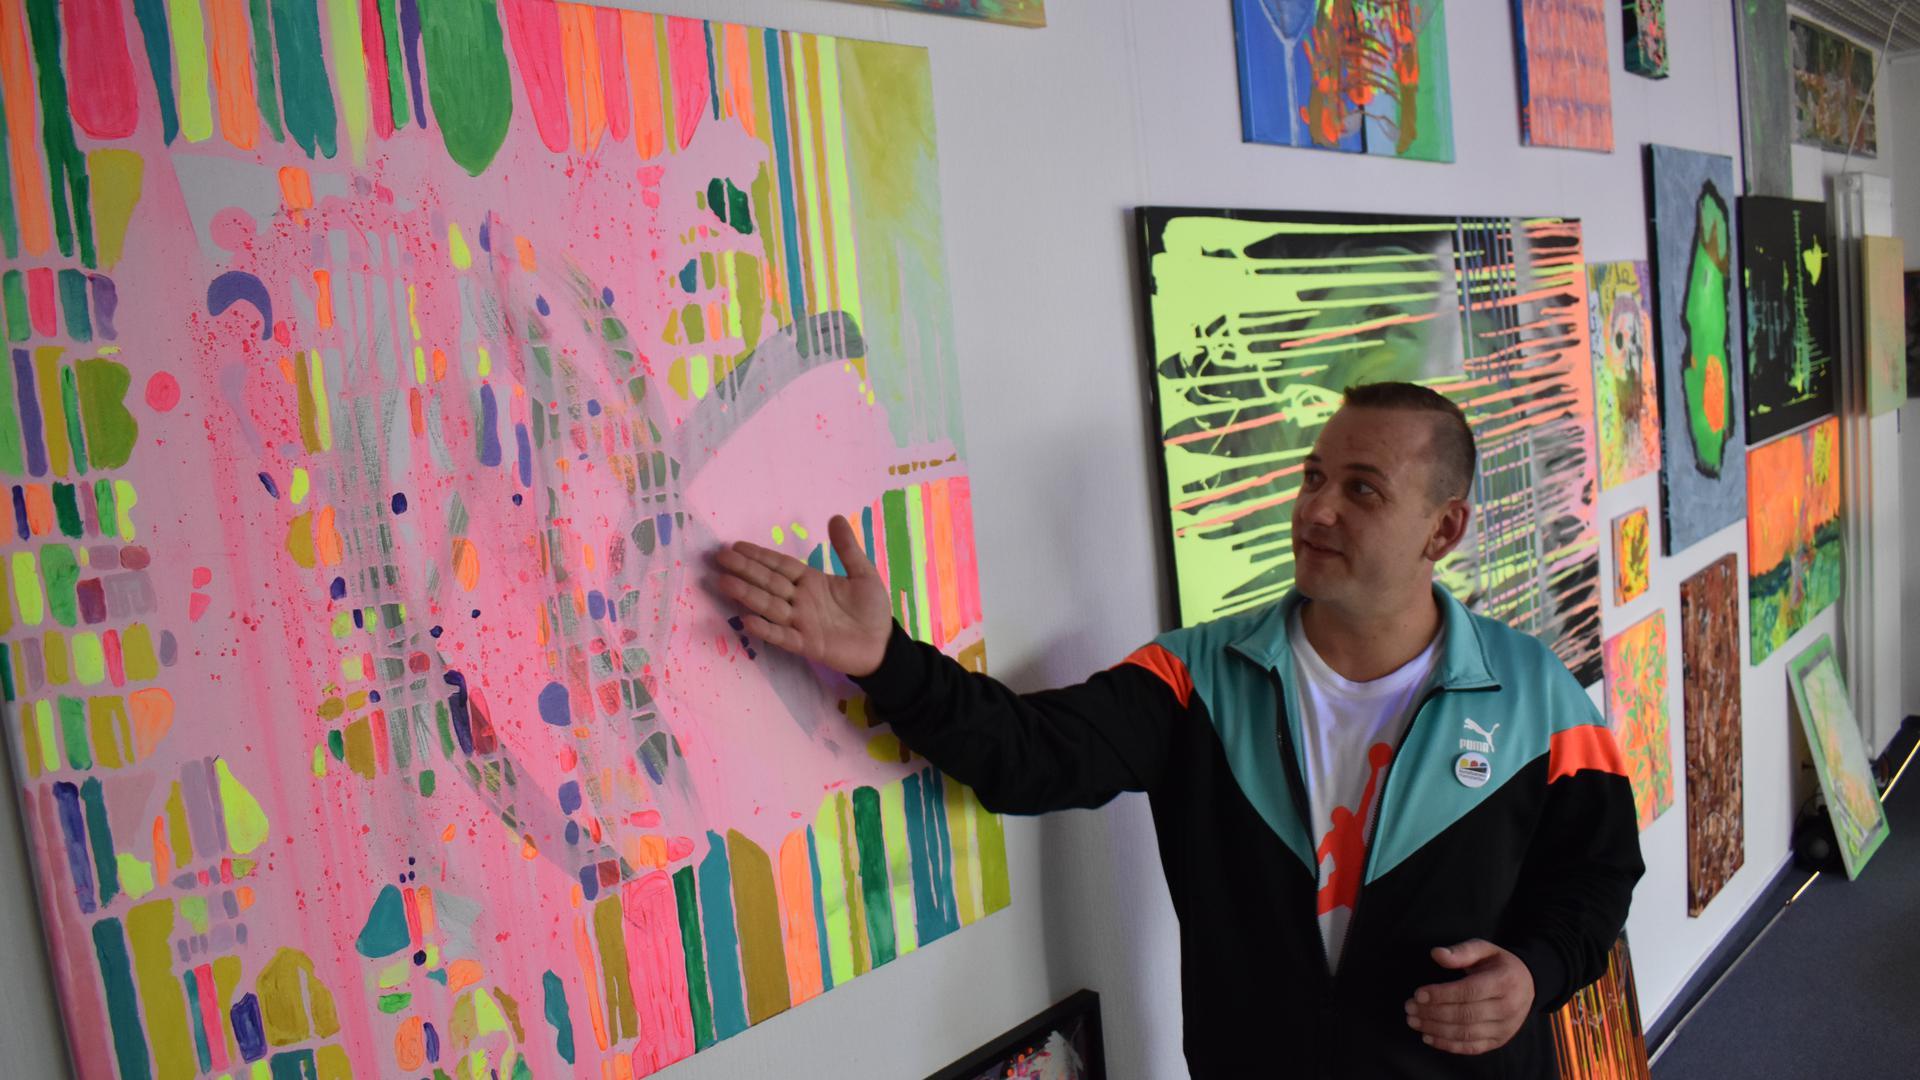 """Endlich wieder Publikum: Beim Kunstverein Rheinstetten zeigt Adrian Bopp unter der Überschrift """"Adiaddict"""" derzeit seine Werke. Die Ausstellung war schon vor Monaten geplant, aber Corona machte Verschiebungen nötig."""